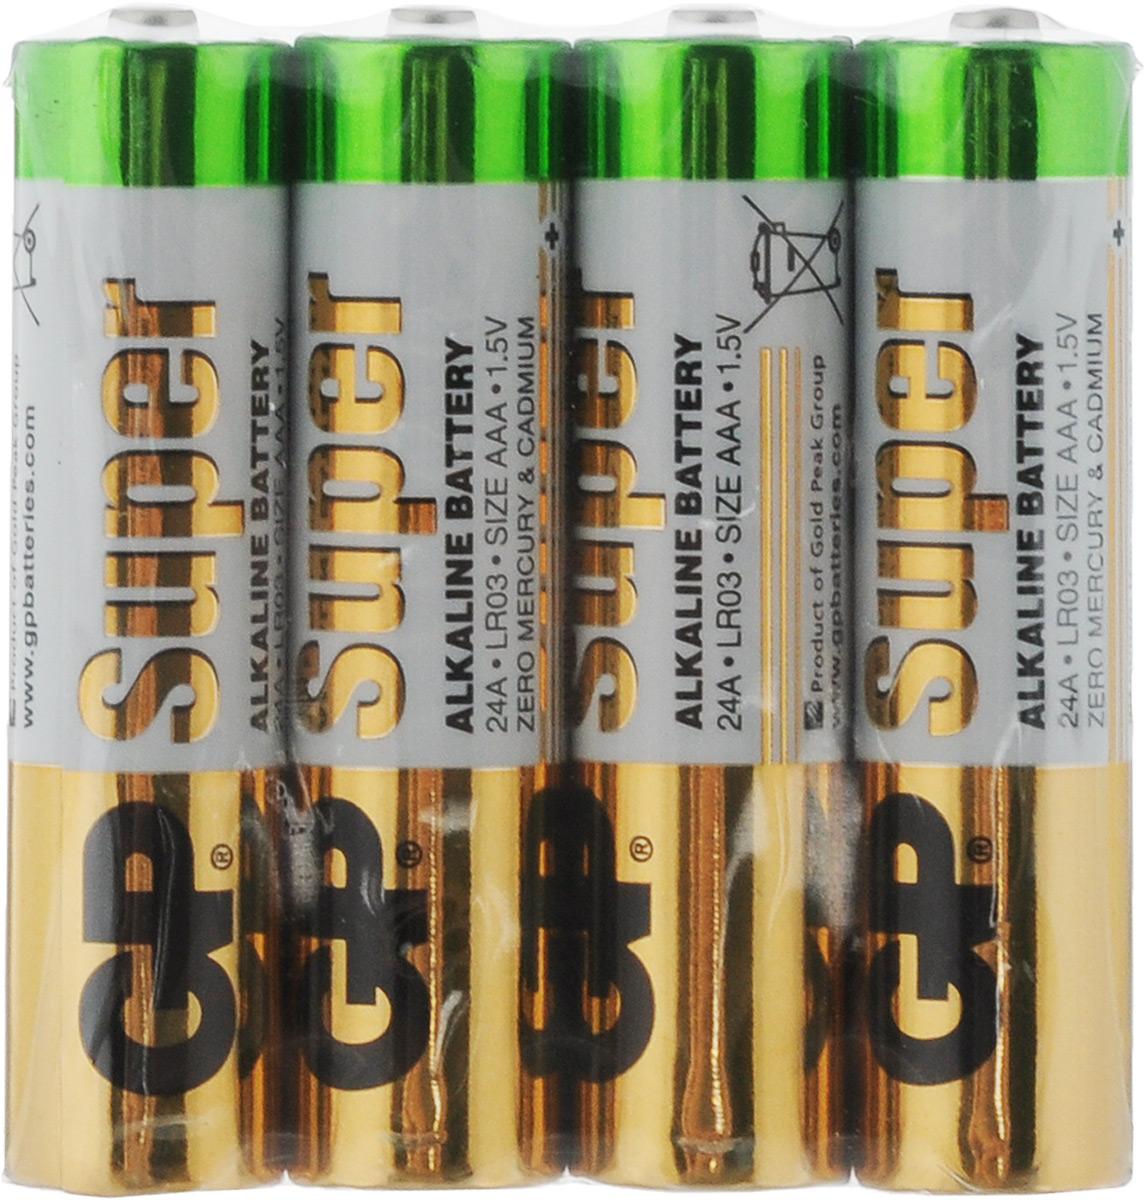 Набор алкалиновых батареек GP Super Alkaline, тип ААA (LR03), 1,5В, 4 шт2915_24ARS-2SB4Щелочные (алкалиновые) батарейки GP Super Alkaliner оптимально подходят для повседневного питания множества современных бытовых приборов: электронных игрушек, фонарей, беспроводной компьютерной периферии и многого другого. Не содержат кадмия и ртути. Батарейки созданы для устройств со средним и высоким потреблением энергии. Работают в 10 раз дольше, чем обычные солевые элементы питания. В комплект входят 4 батарейки. Размер батарейки: 1,4 х 4,3 см.